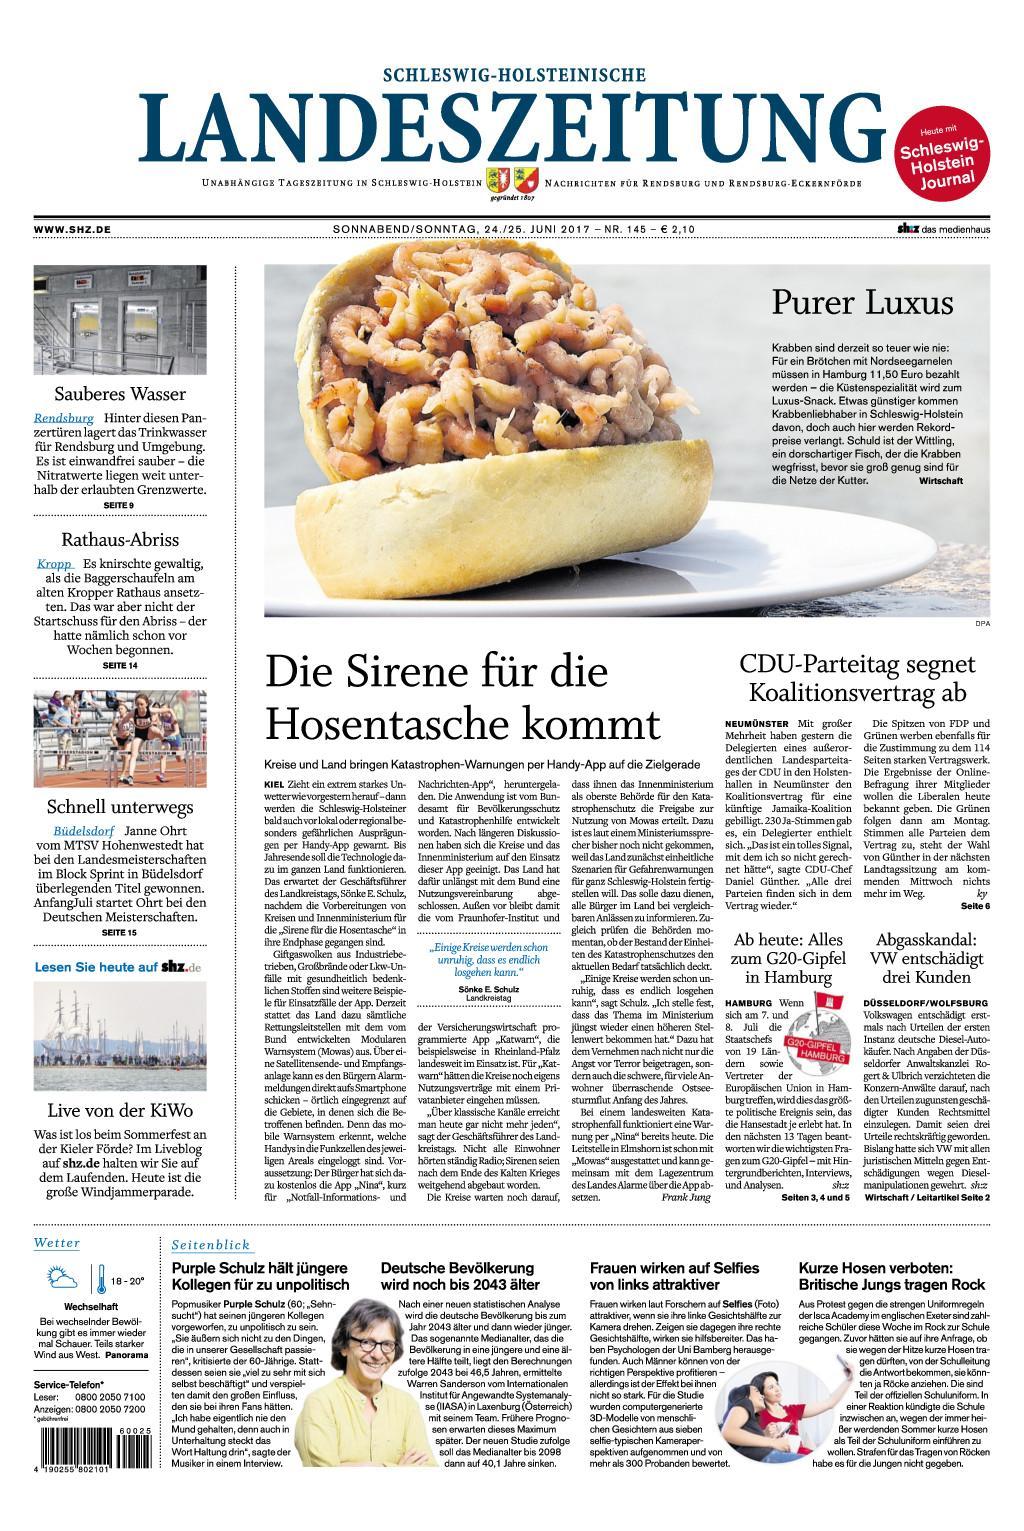 Schleswig Holsteinische Landeszeitung 24 Juni 2017